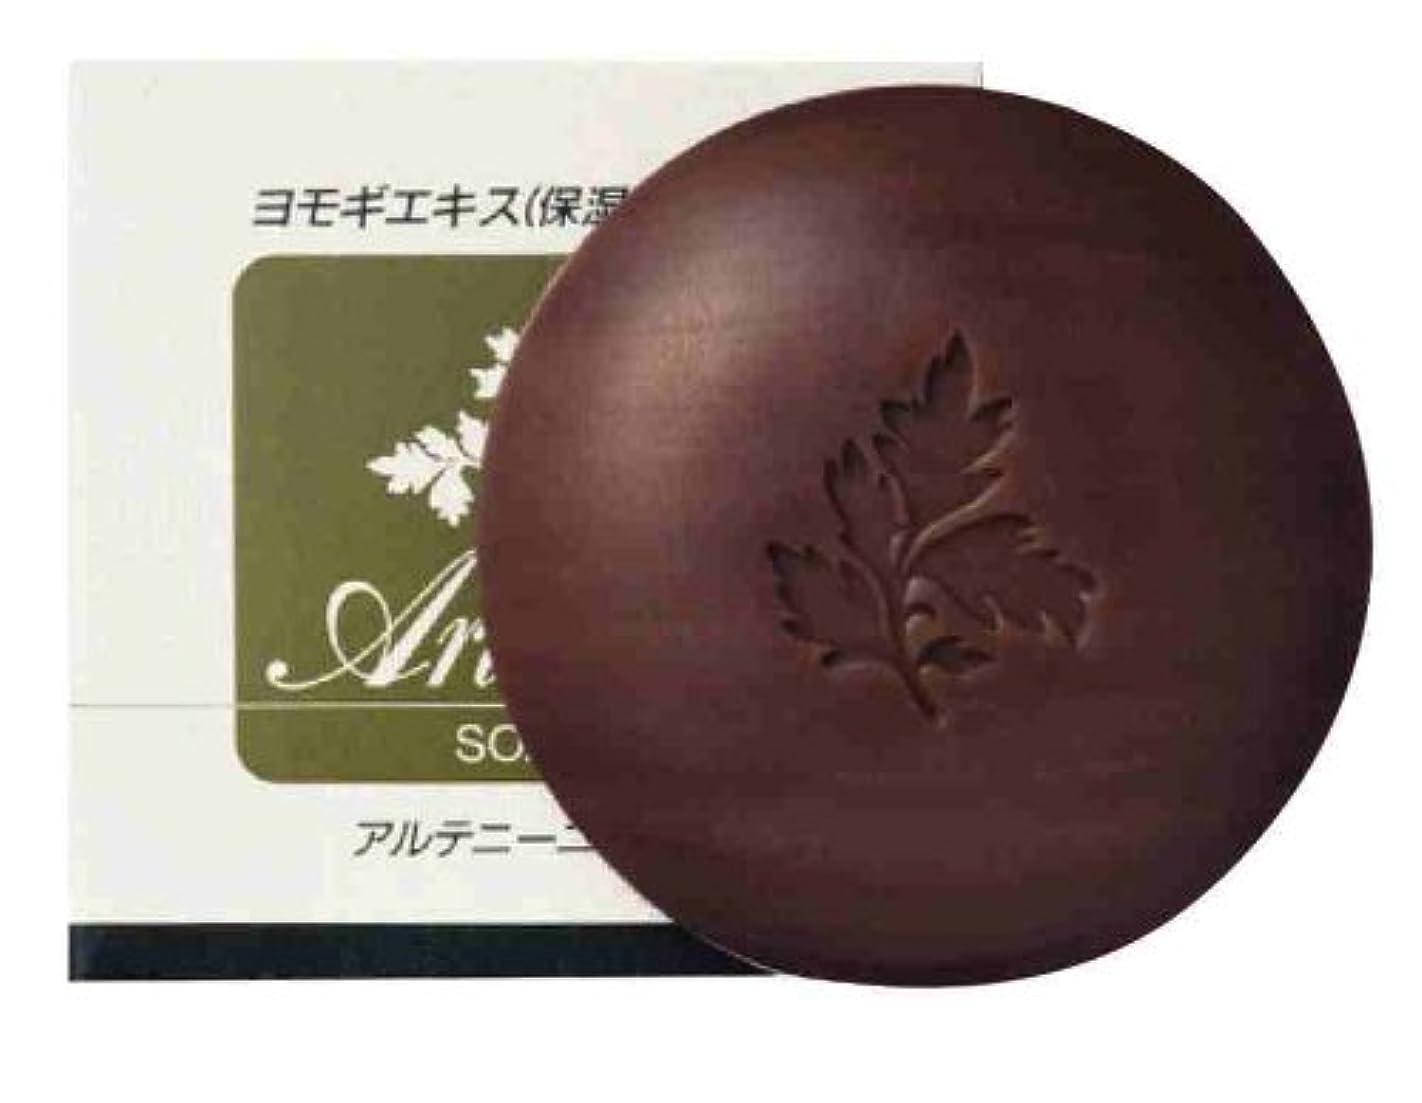 アジャラッシュ固めるアルテニーニ石鹸(ヨモギエキス配合)90g×3個セット